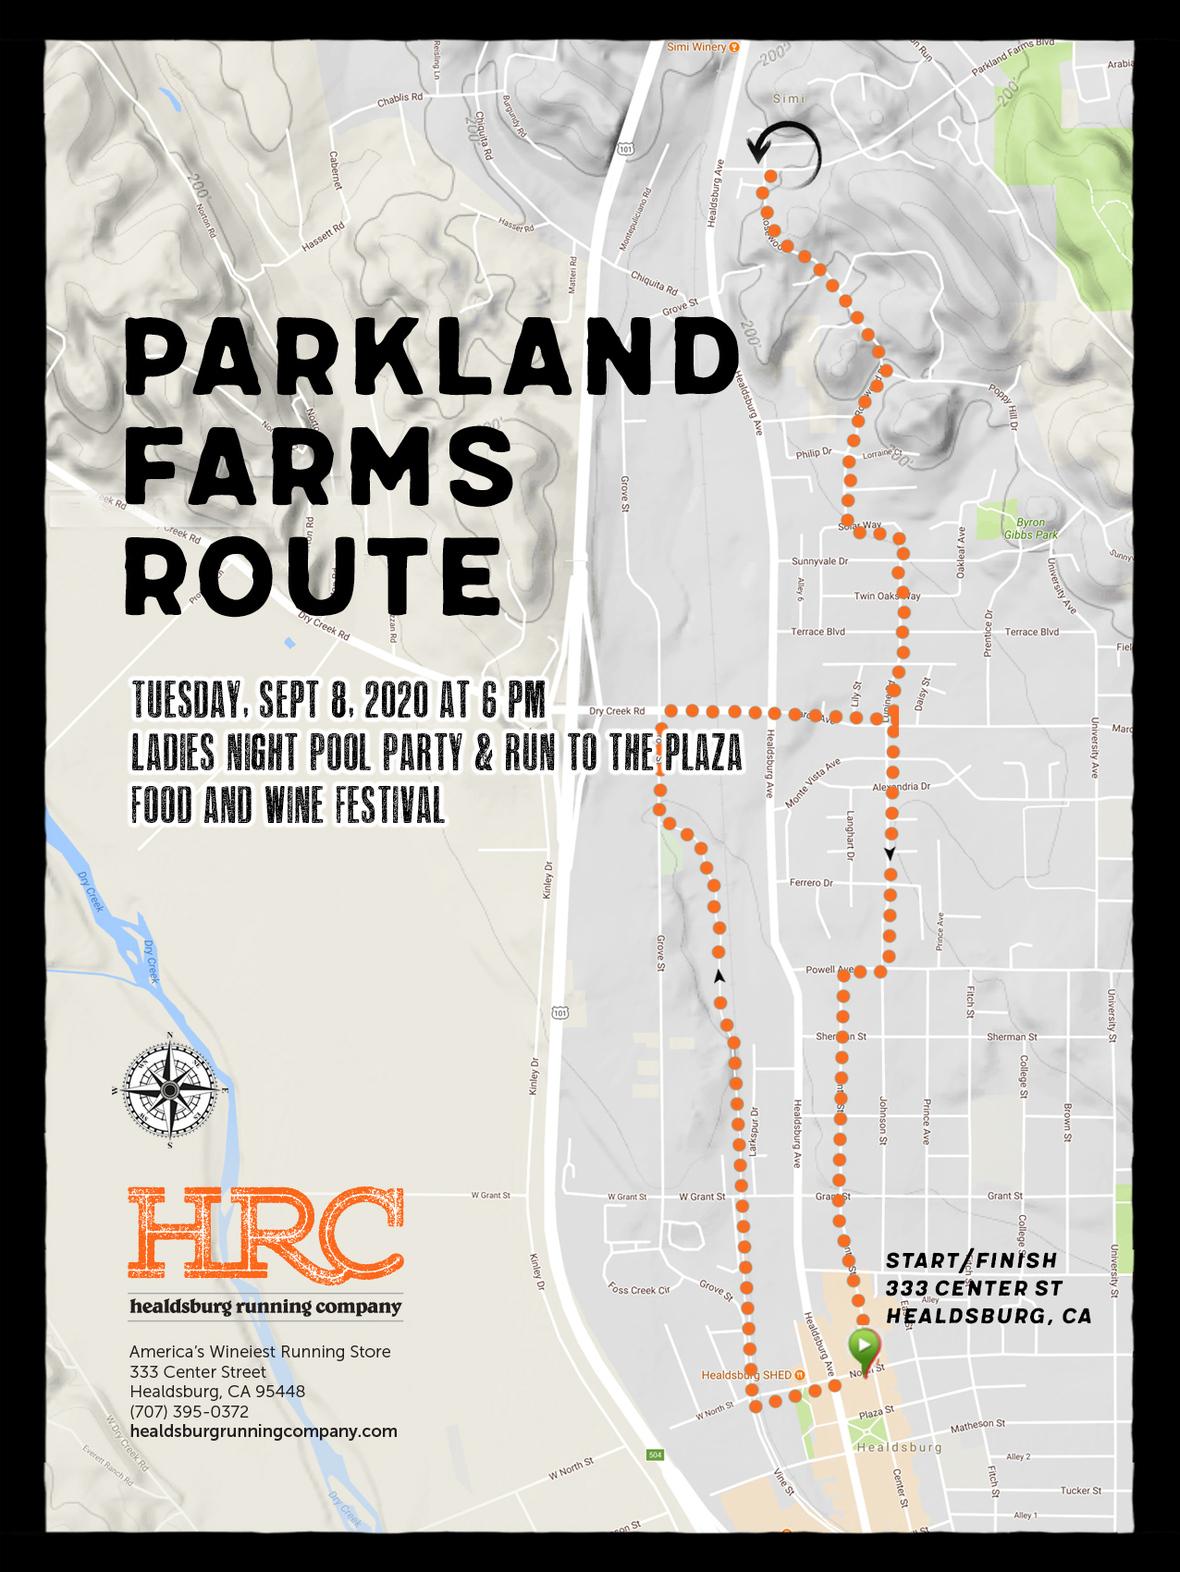 parkland farms route